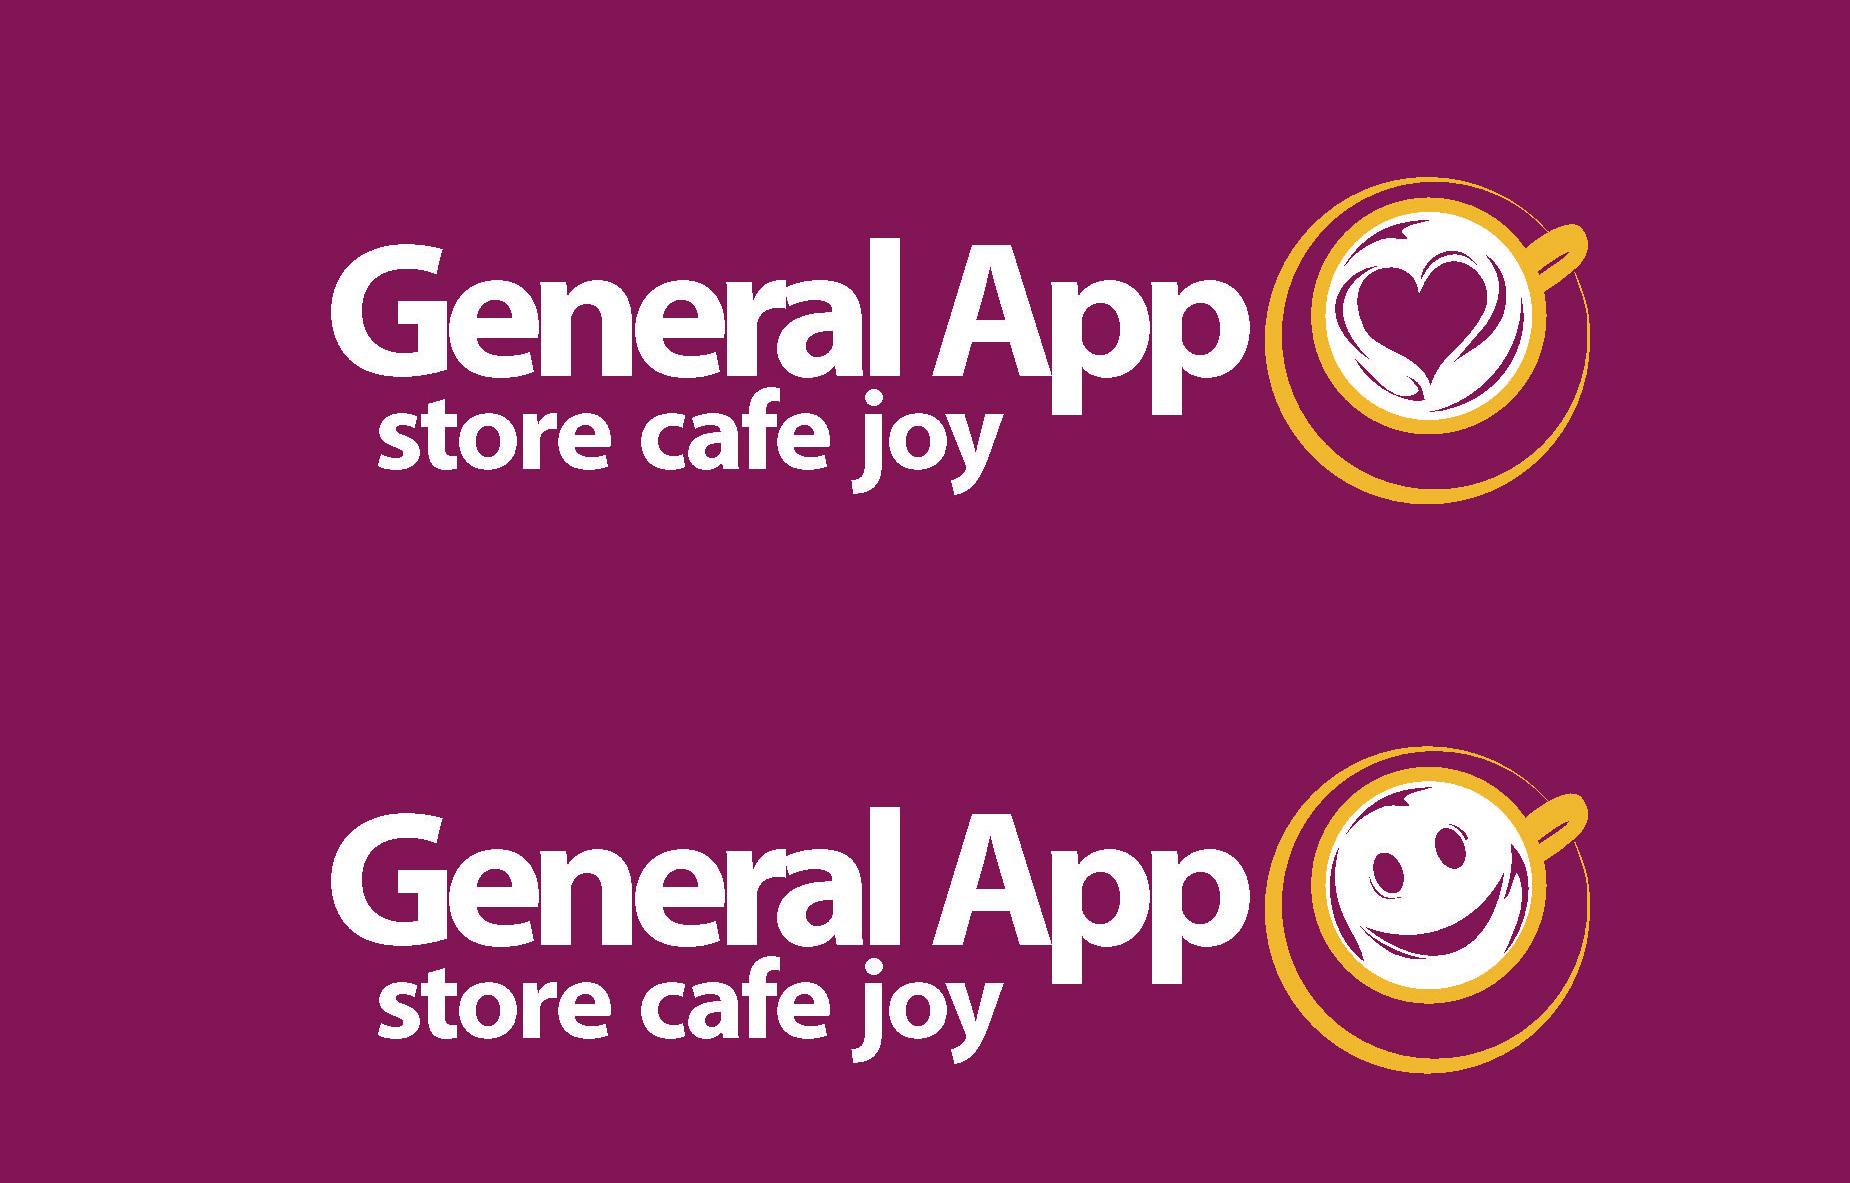 Разработать логотип для магазина/кафе на АЗС фото f_9935a64fdbb80571.jpg